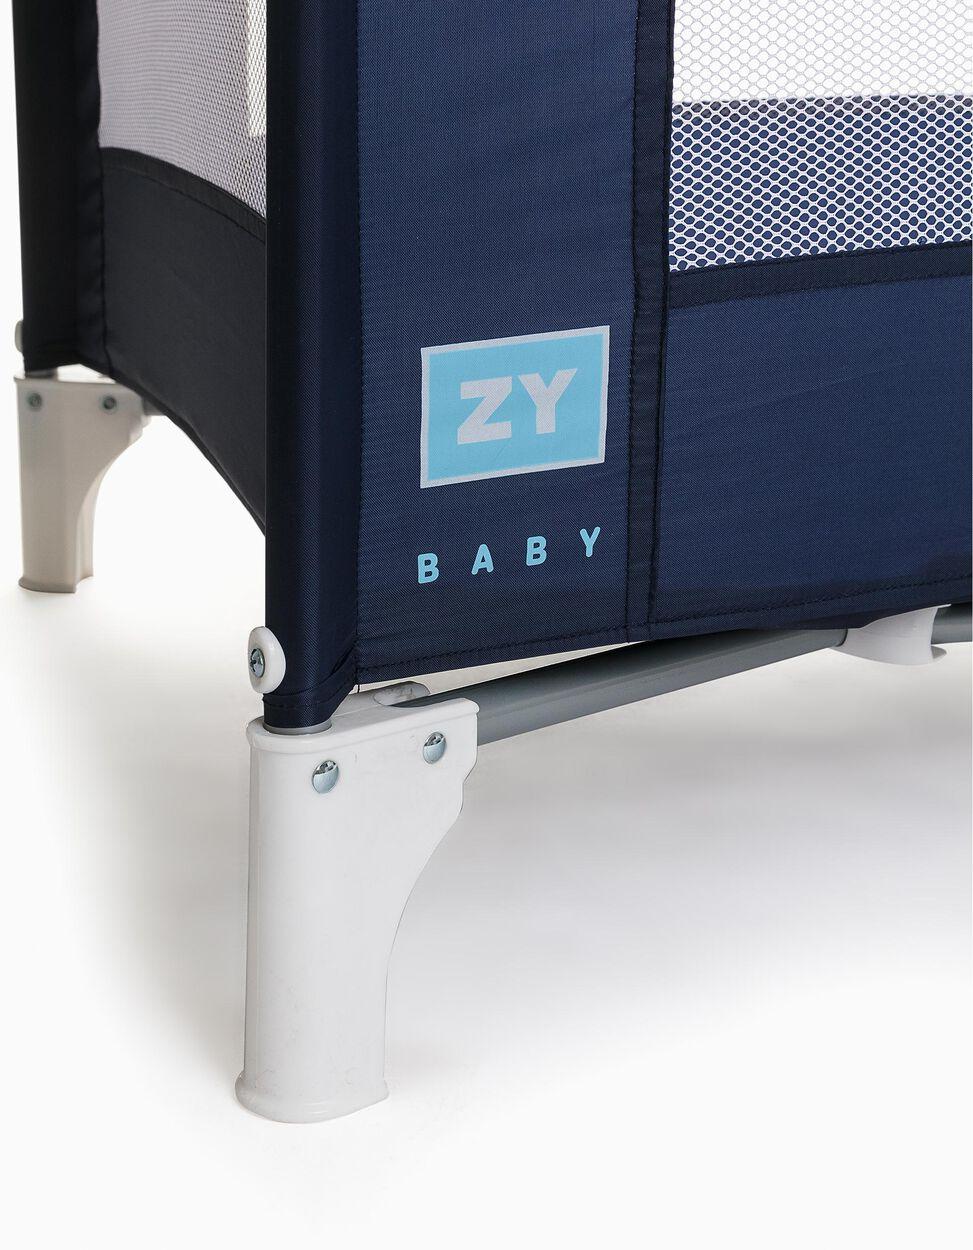 Cama De Viagem Nap Nap Plus Zy Baby